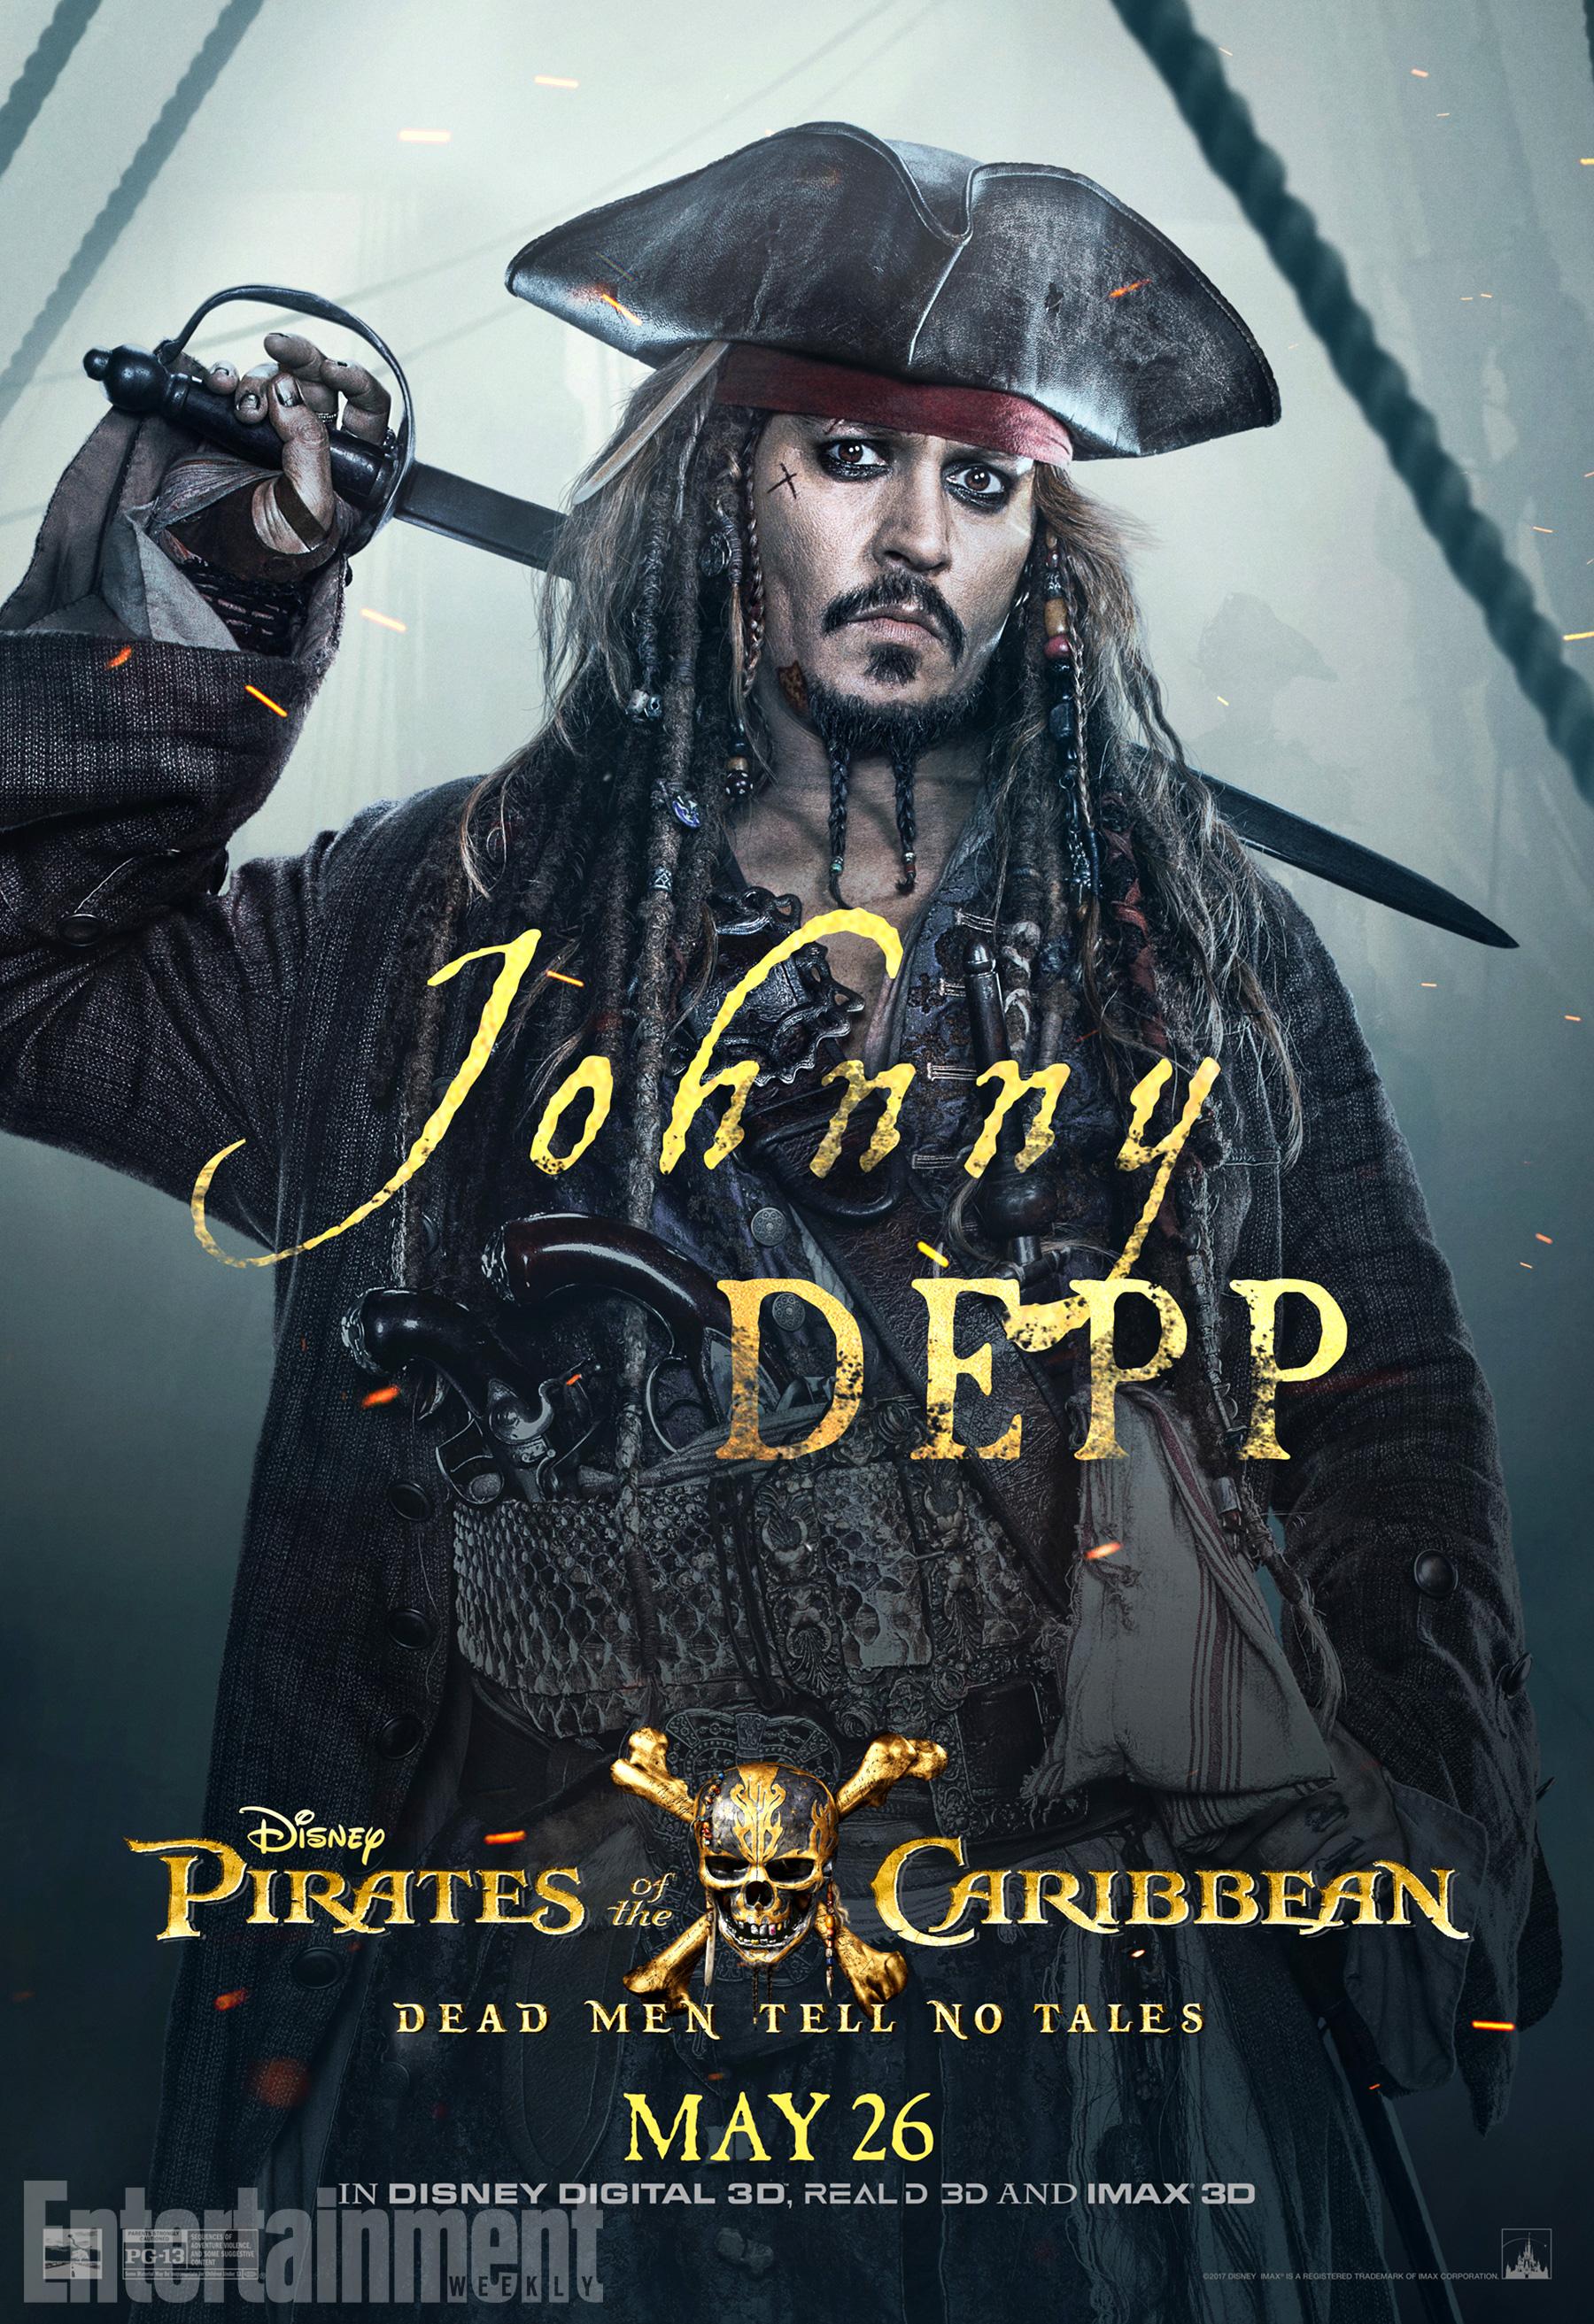 Художественный фильм Пираты Карибского моря: Мертвецы не рассказывают сказки смотреть